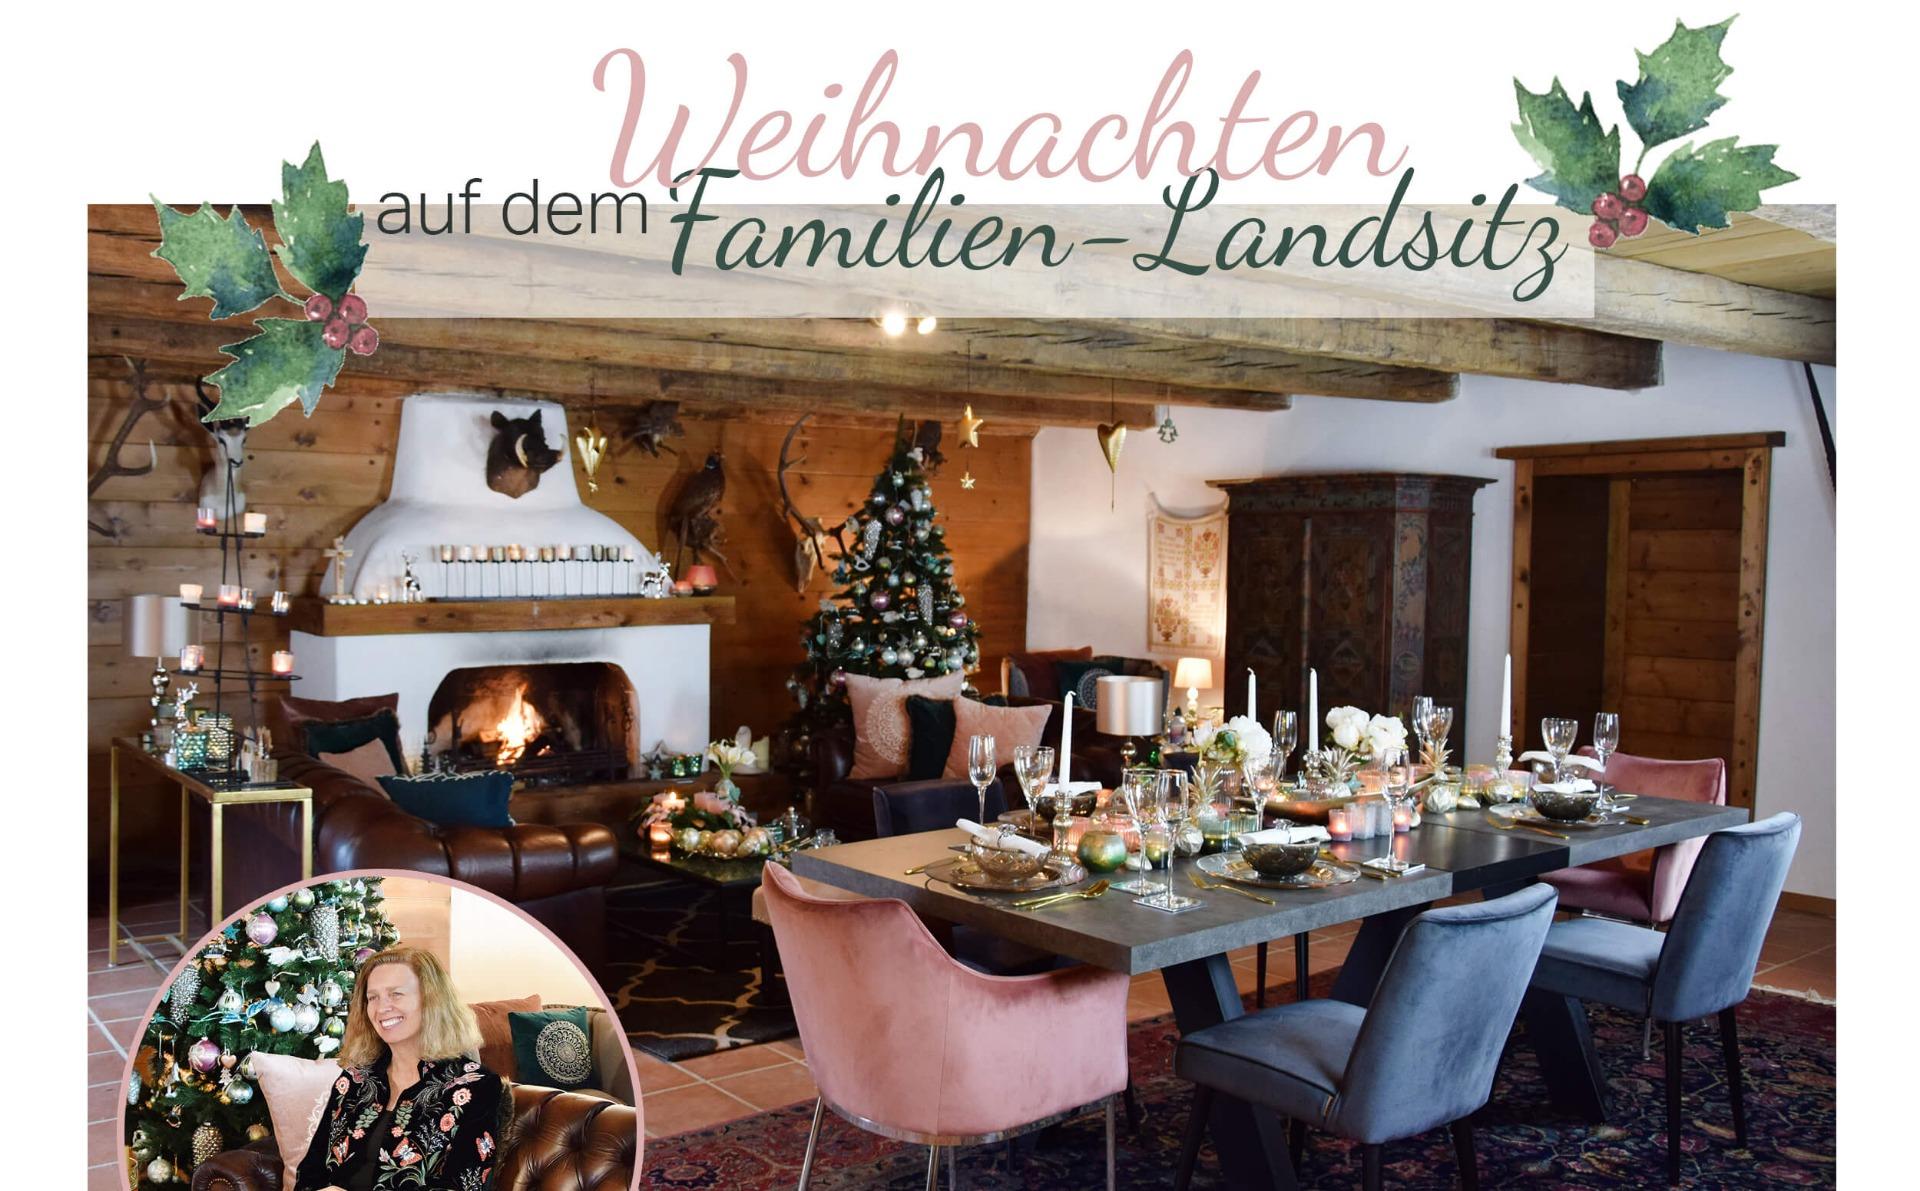 Homestory! Chalet im Weihnachtslook - Looks